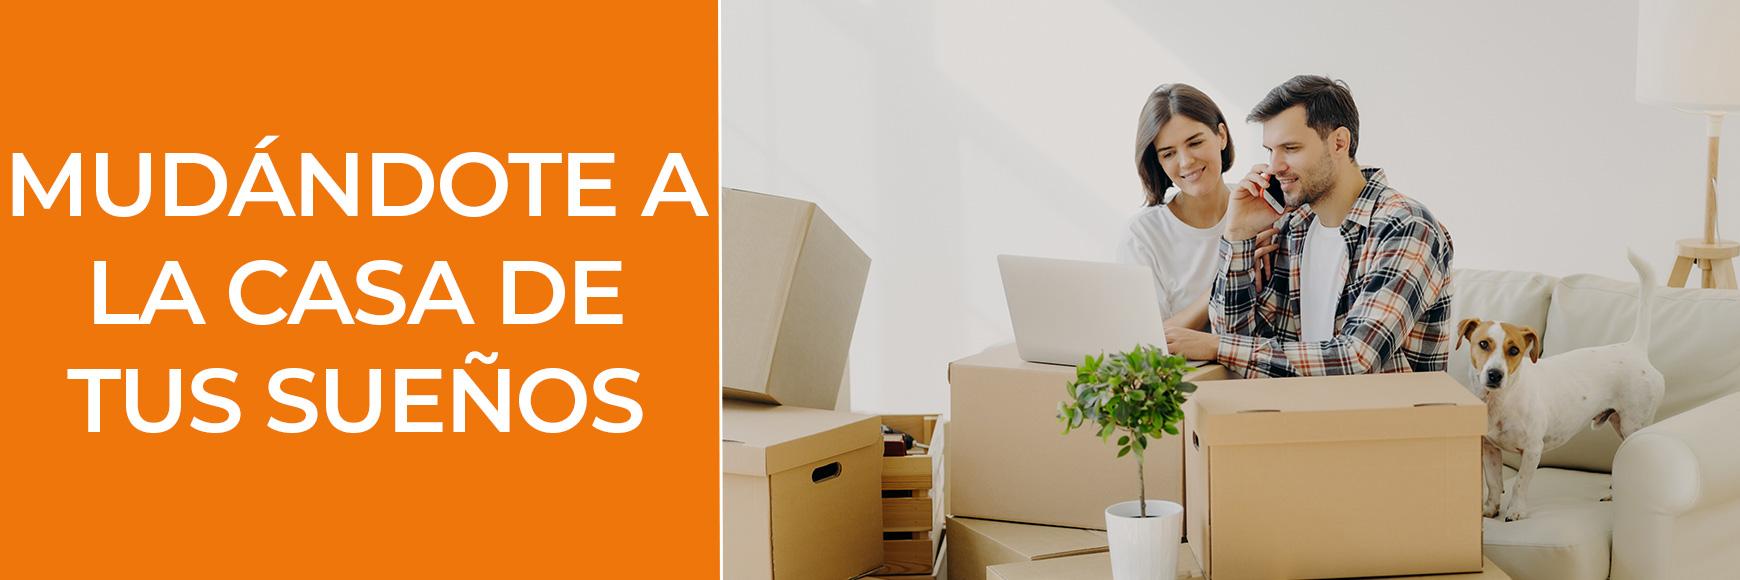 Múdandote a la casa de tus sueños-Banner-Orlando Homes Sales